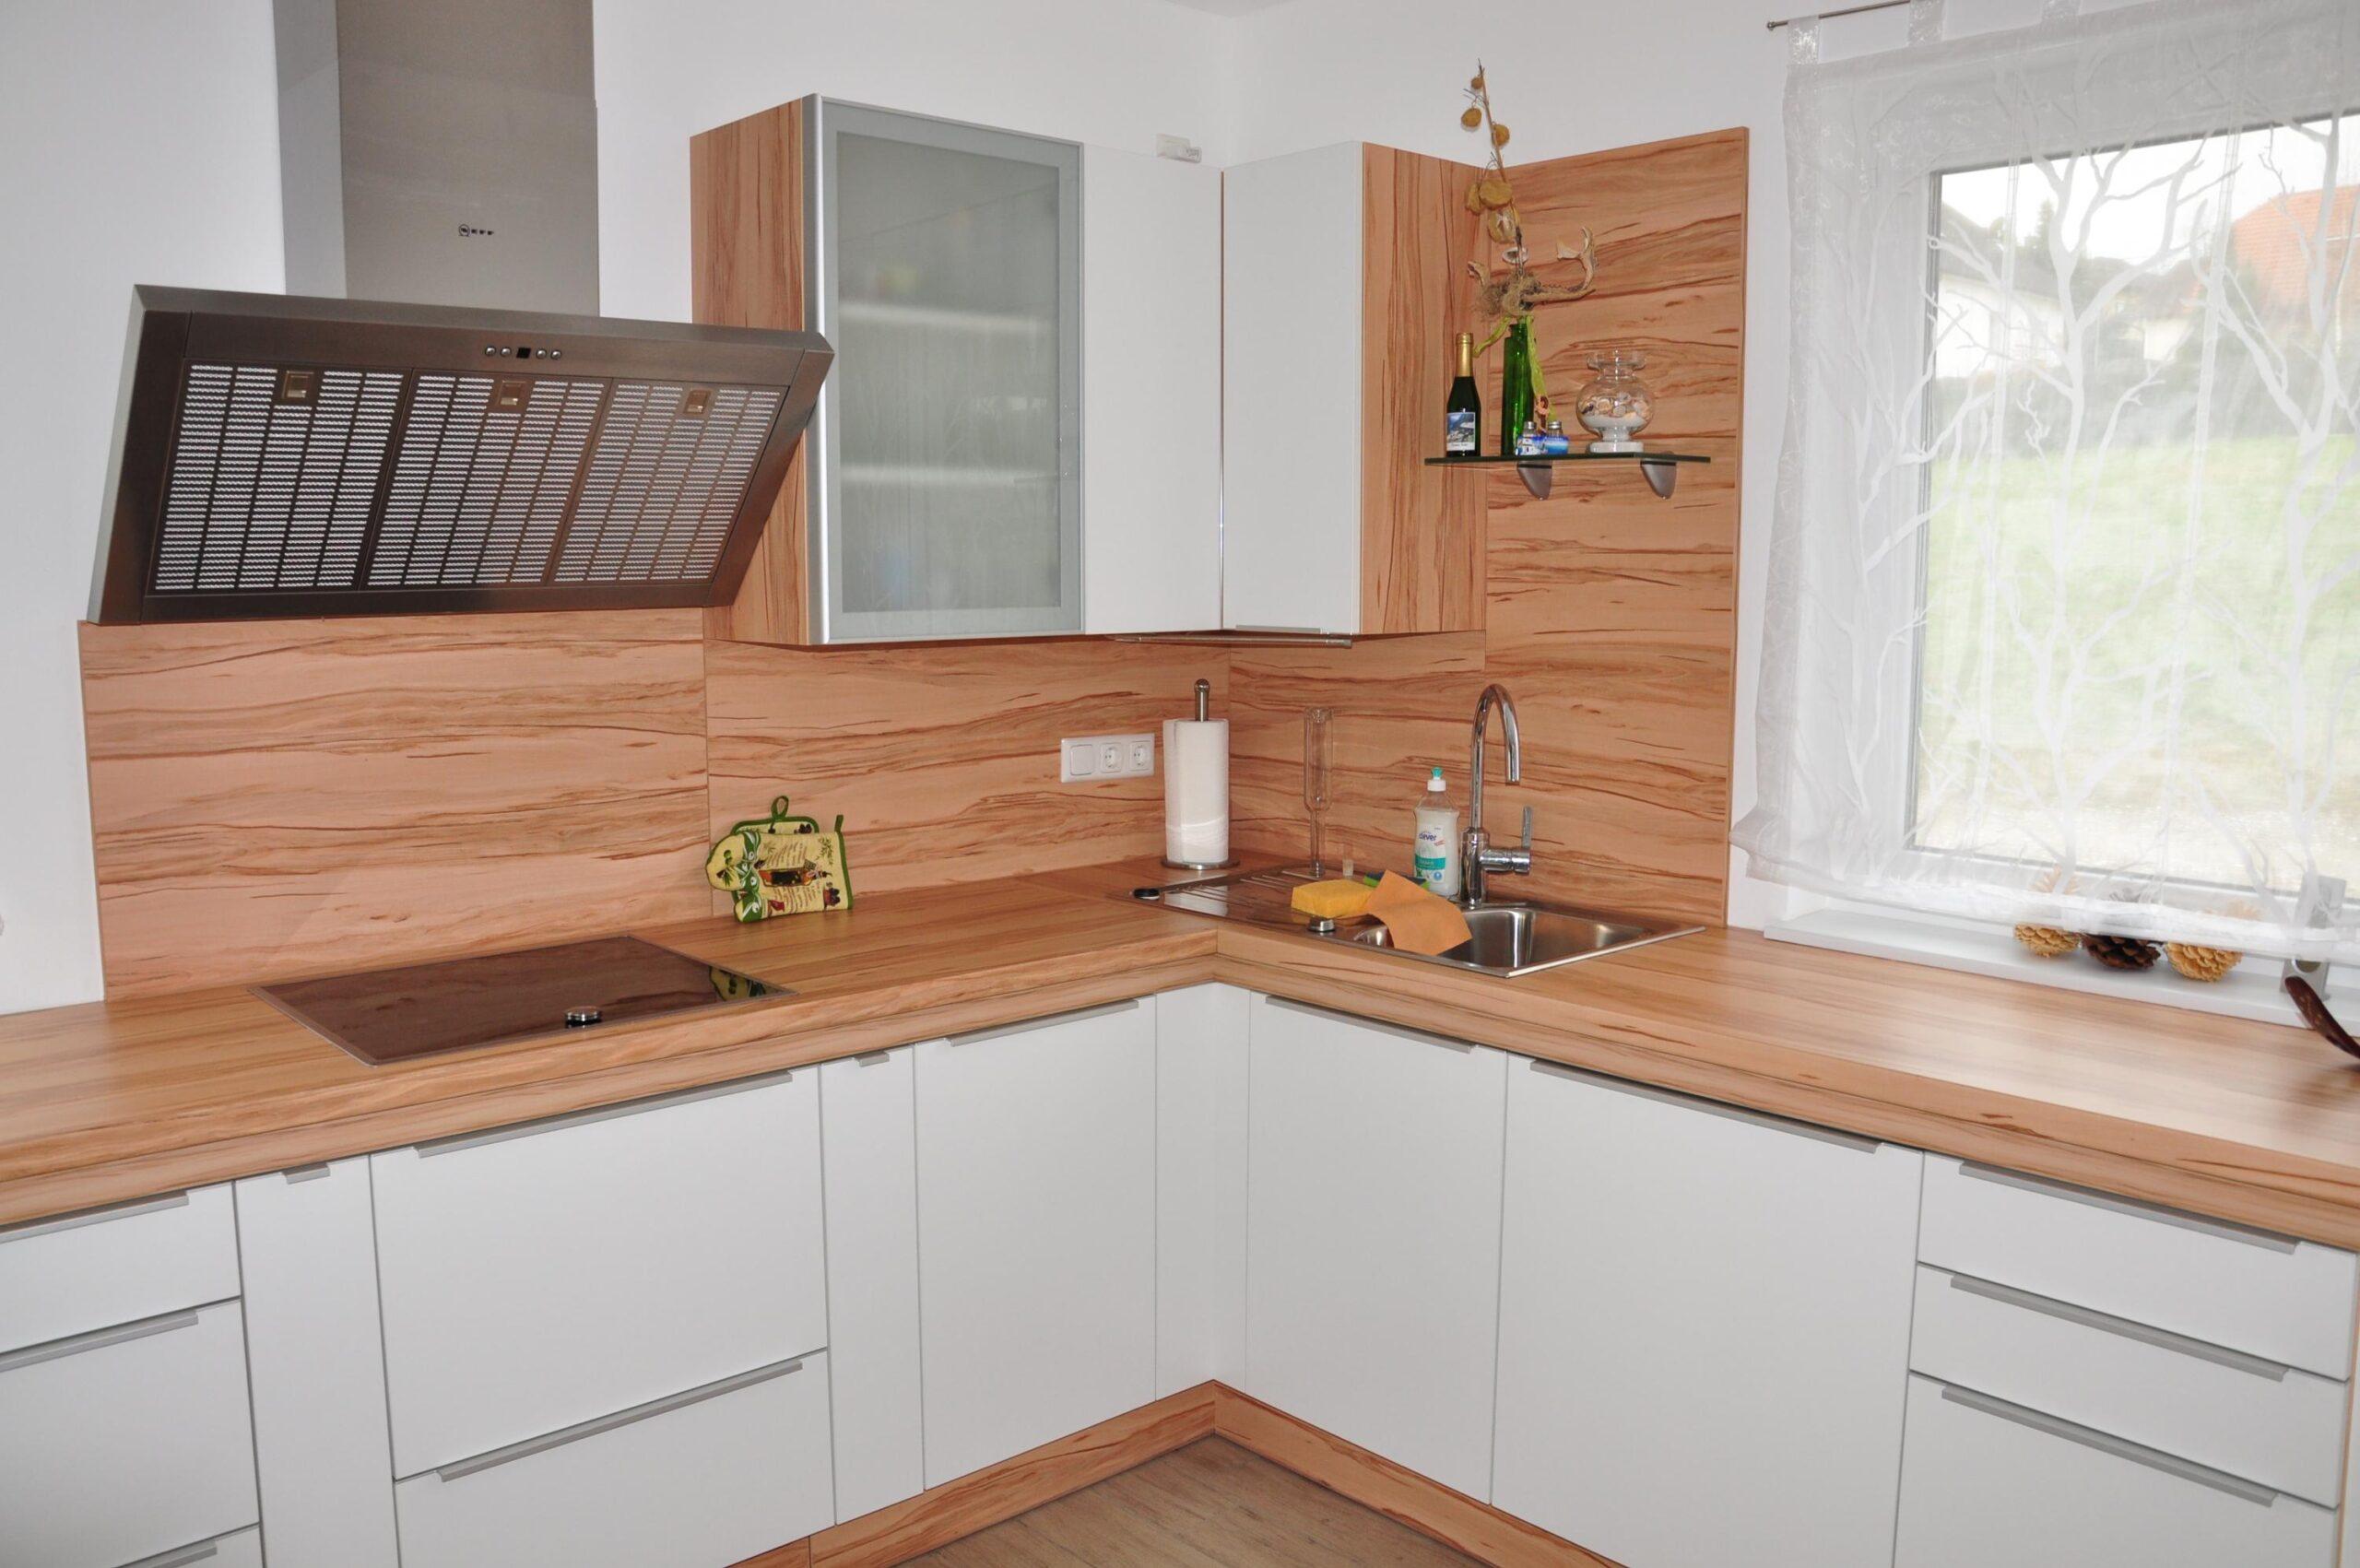 Full Size of Rückwand Küche Holz Industrie Einbauküche Günstig Weiße Einzelschränke Ikea Kosten Freistehende Winkel Massivholzküche Aufbewahrungssystem Hochglanz Wohnzimmer Rückwand Küche Holz